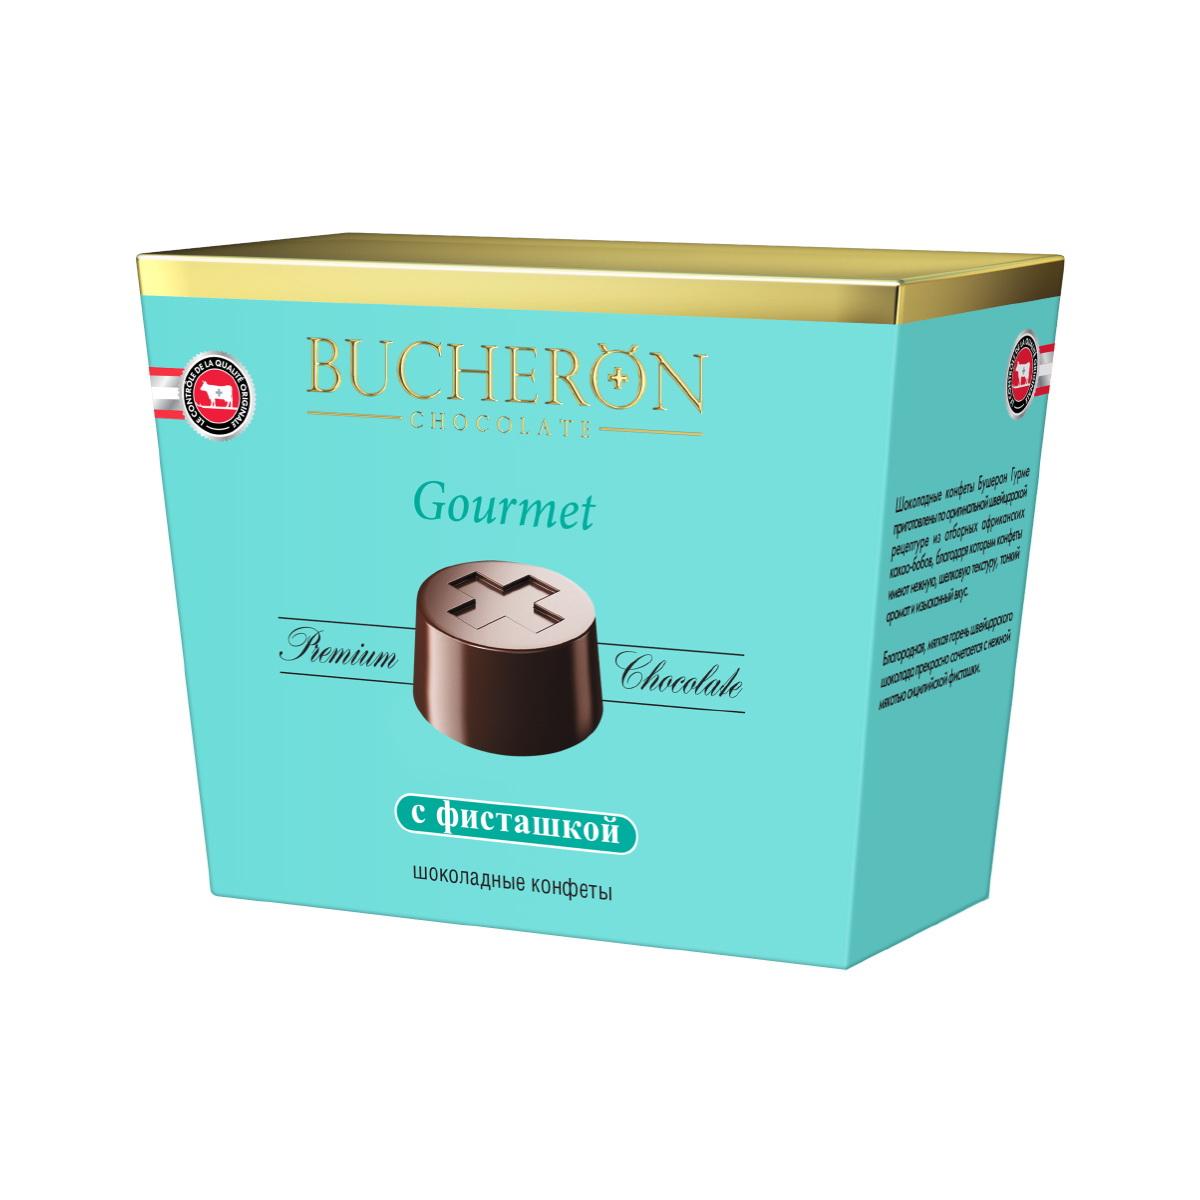 БЕЗ БРЭНДА Конфеты шоколадные Gourmet с фисташкой Bucheron набор конфет bucheron gourmet с фисташкой 180 г